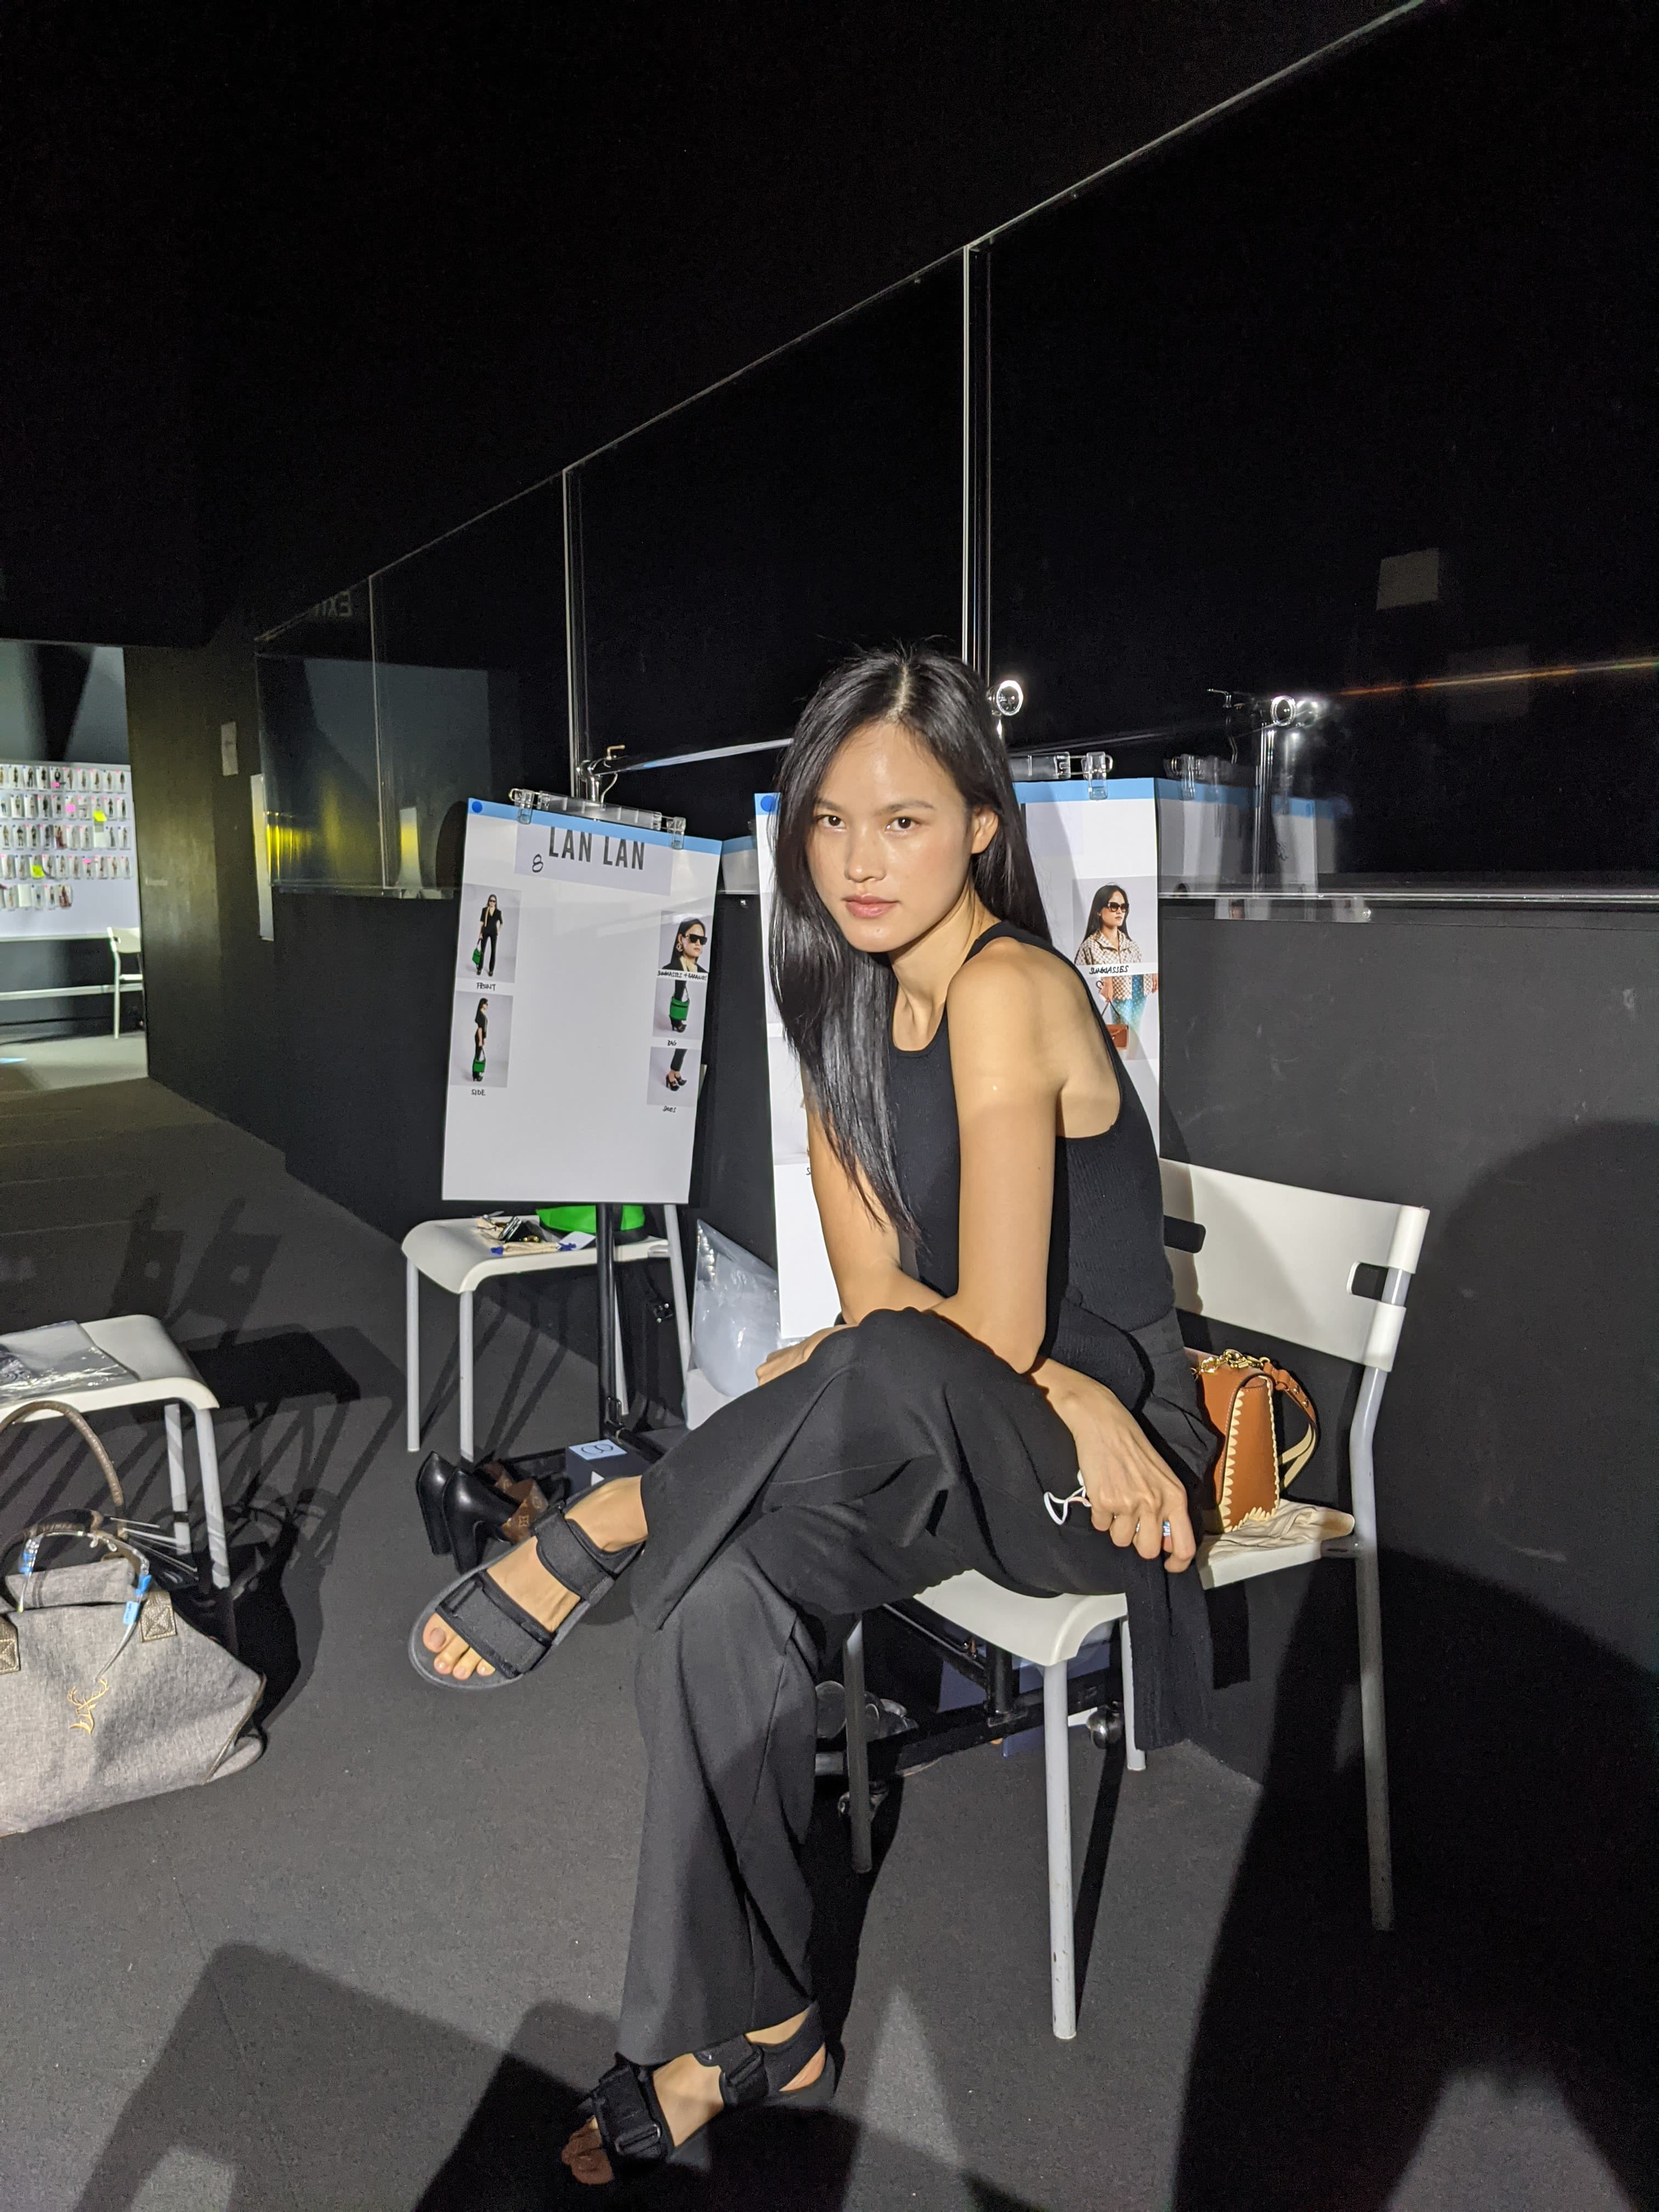 Phỏng vấn nhanh nhân vật hot nhất đêm nay - Tuyết Lan về mối nhân duyên với Louis Vuitton - Ảnh 3.